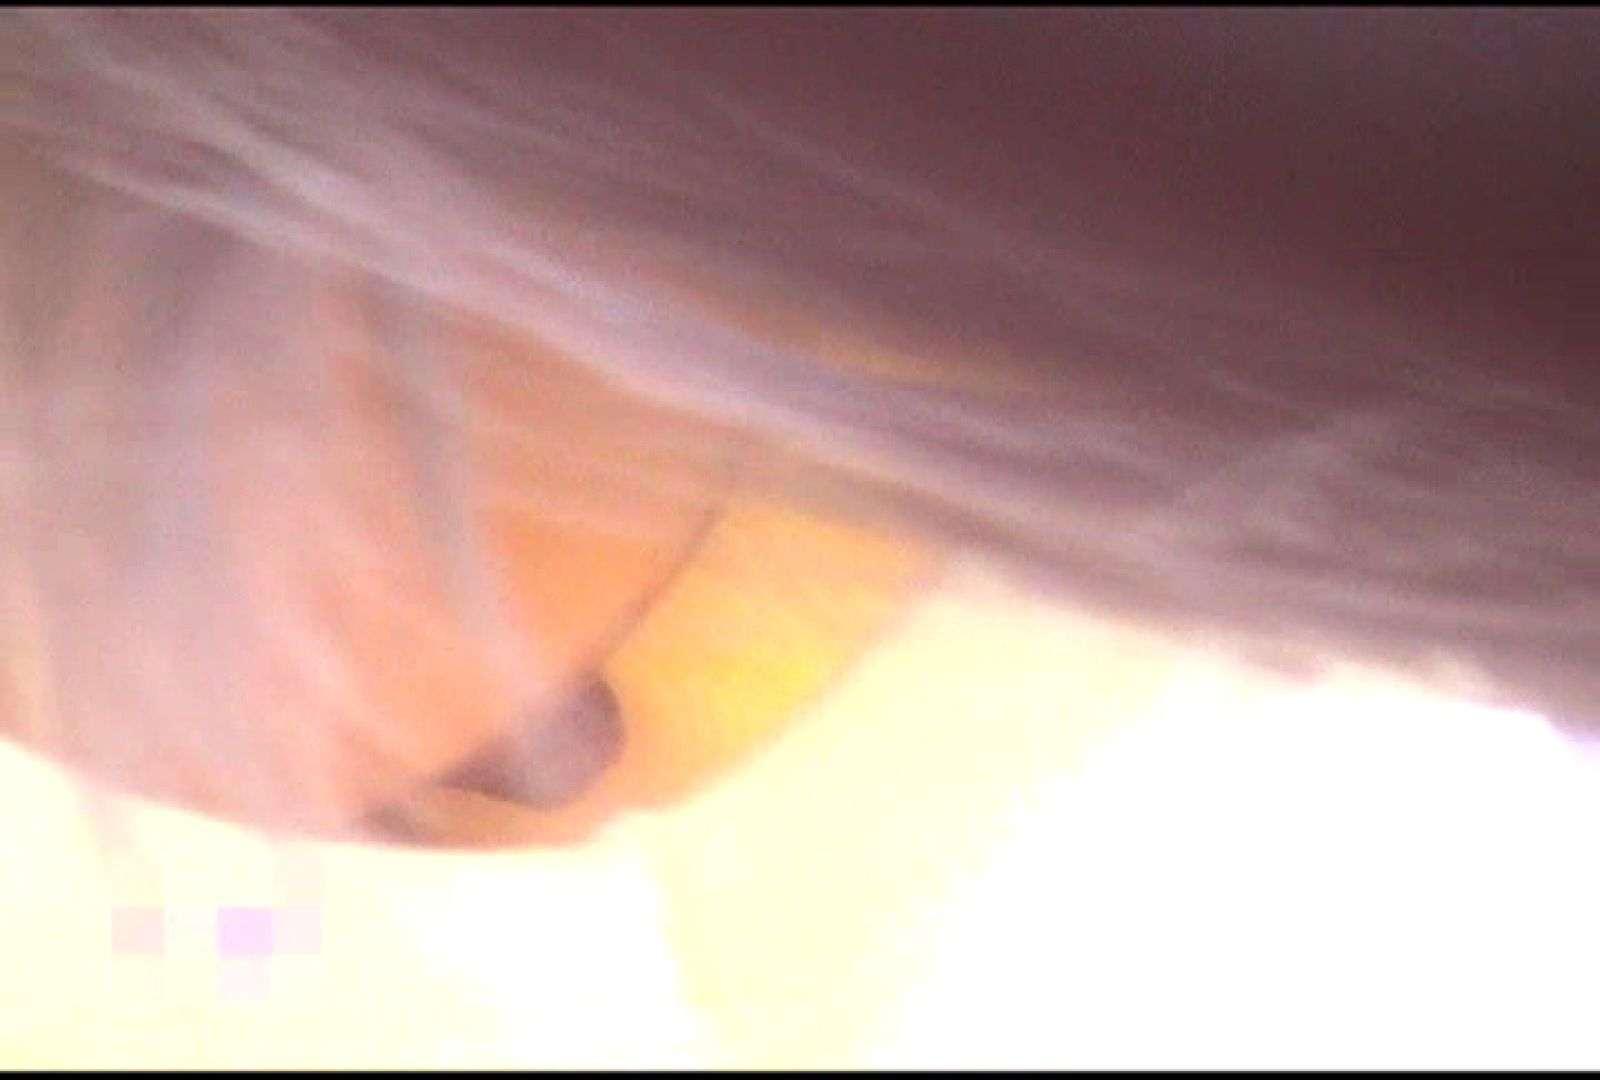 熱視線Vol.1 すけべなお姉さん 性交動画流出 107画像 89